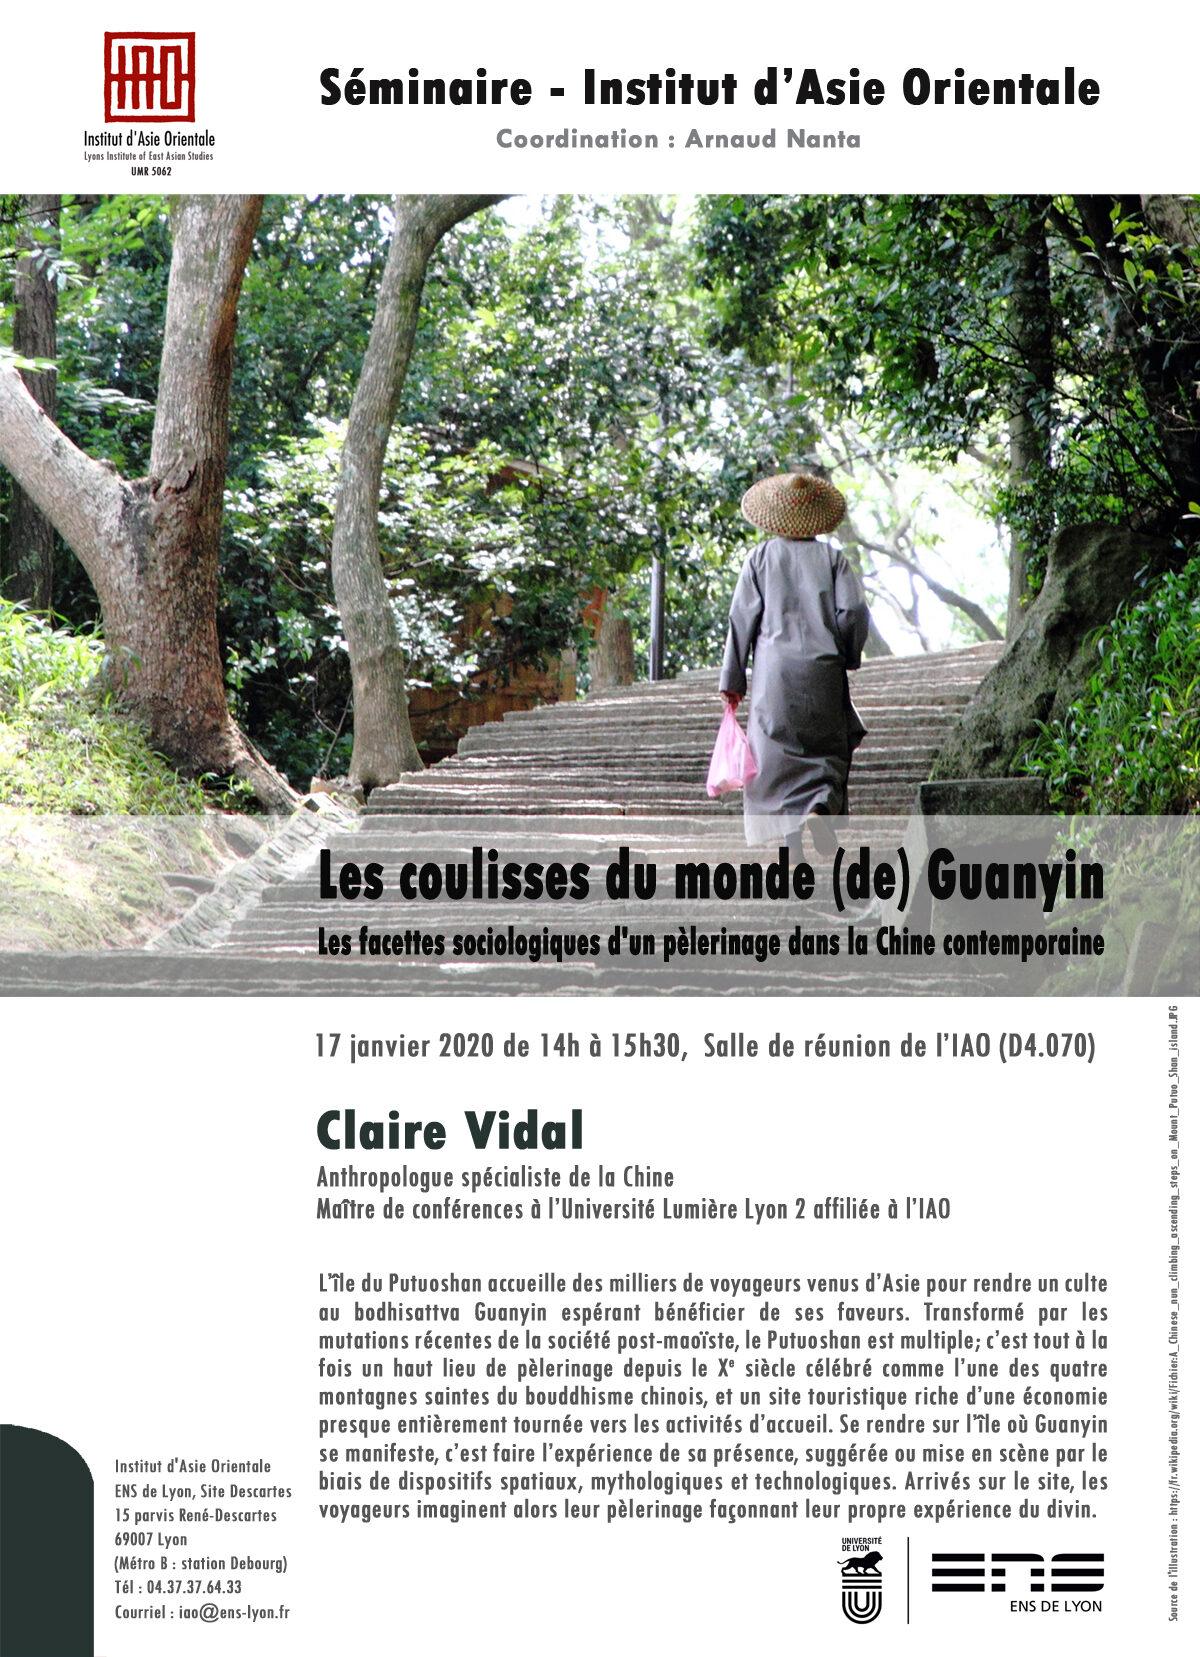 Séminaire de l'IAO : Claire Vidal